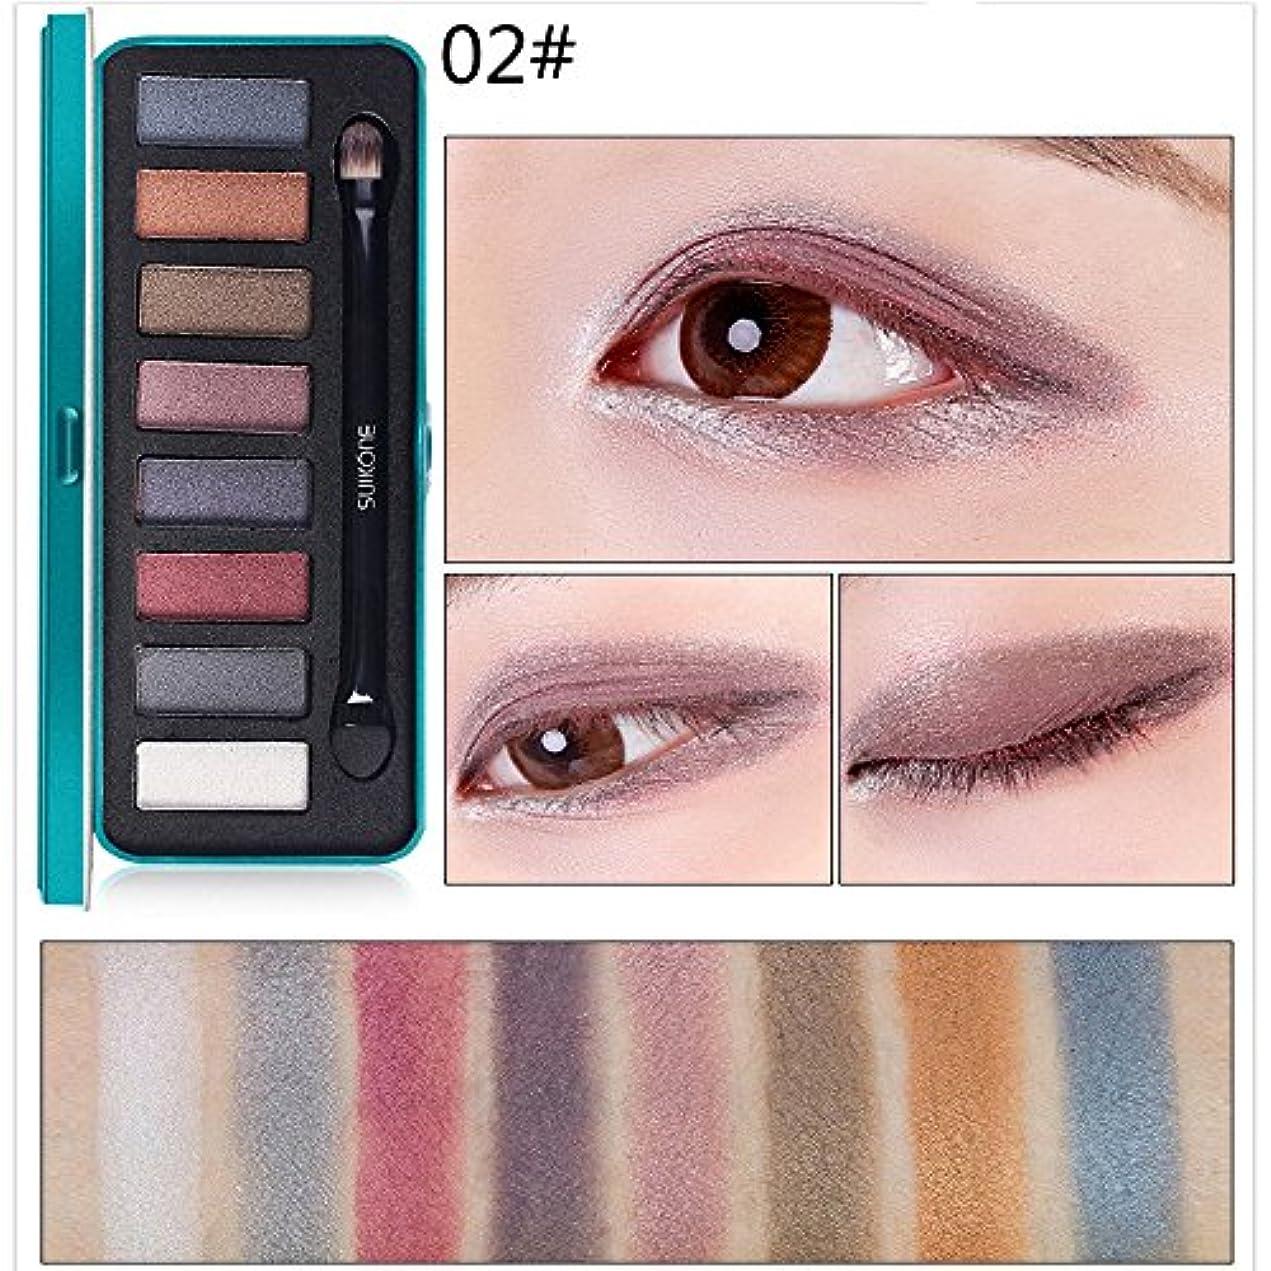 鈍いスワップモニターAkane アイシャドウパレット Suikone ファッション 人気 気質的 綺麗 メタルボックス 魅力的 チャーム 防水 長持ち おしゃれ 持ち便利 Eye Shadow (8色)